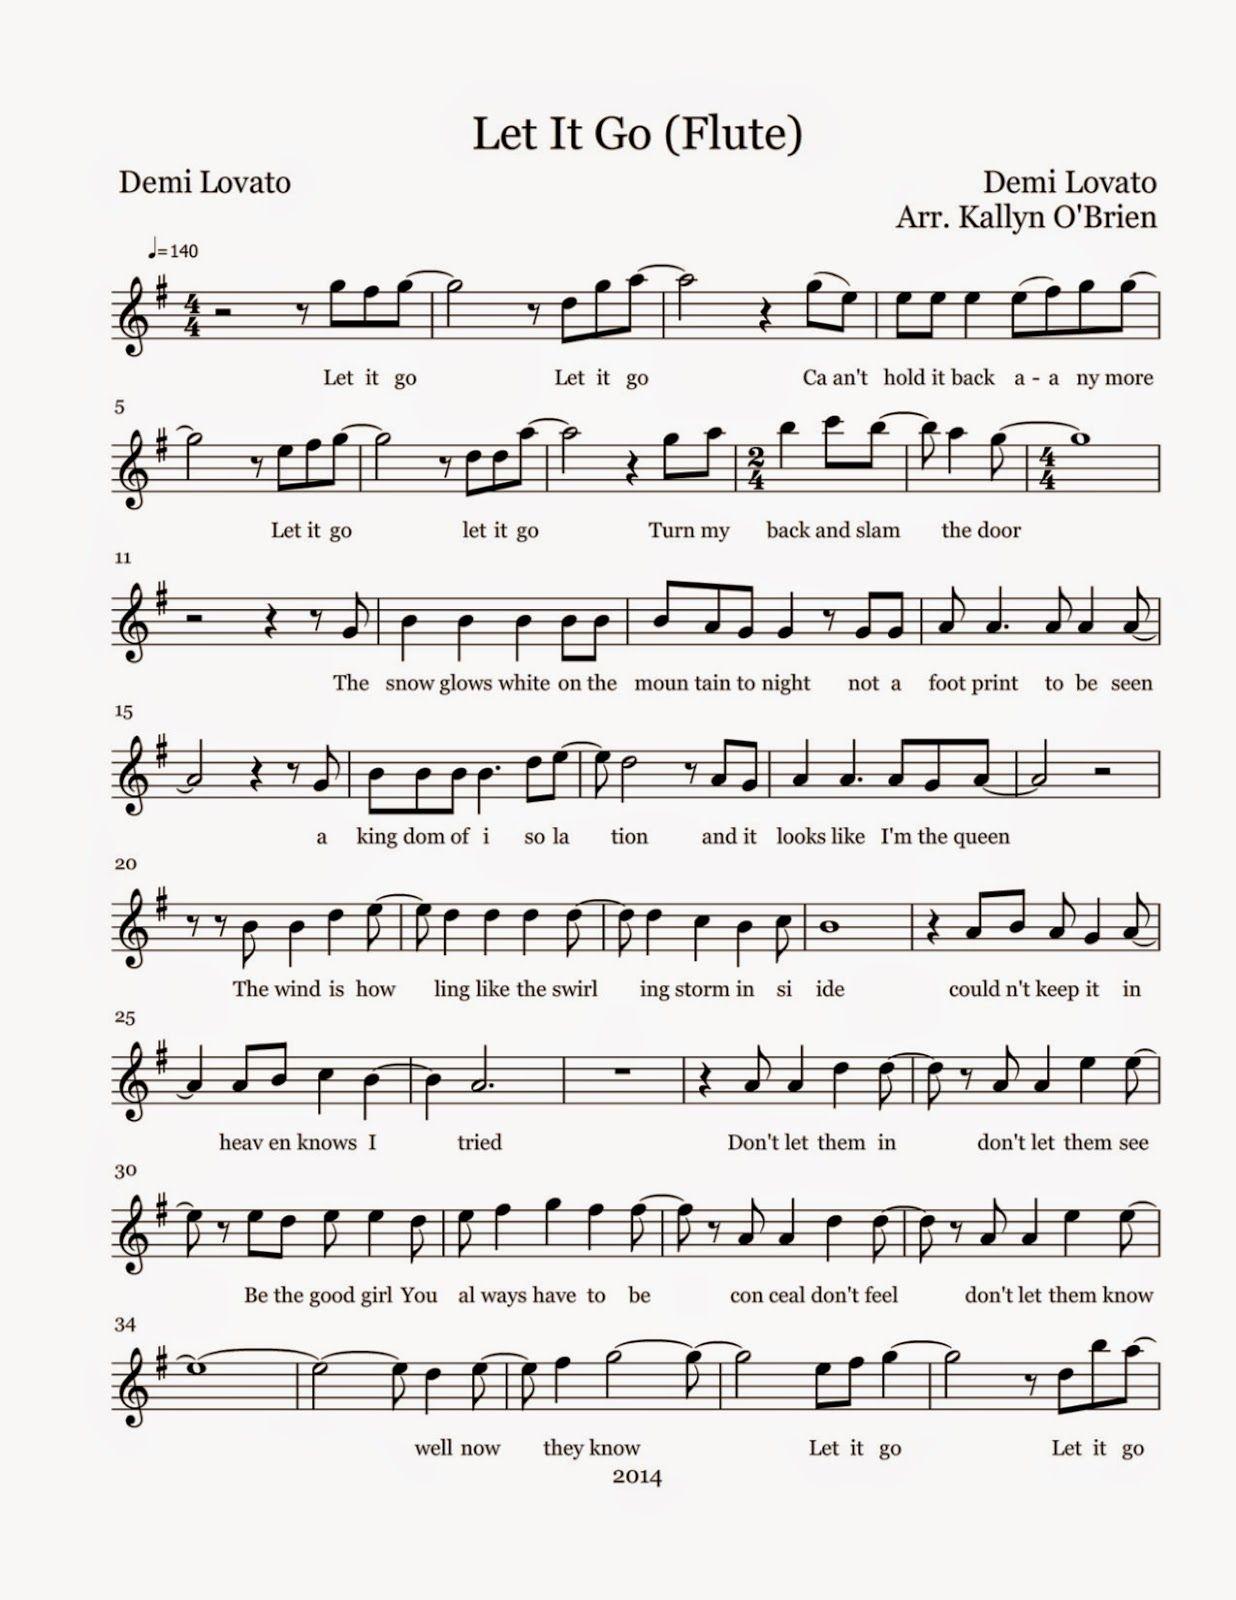 Flute Sheet Music Let It Go Sheet Music Flute In 2019 Flute